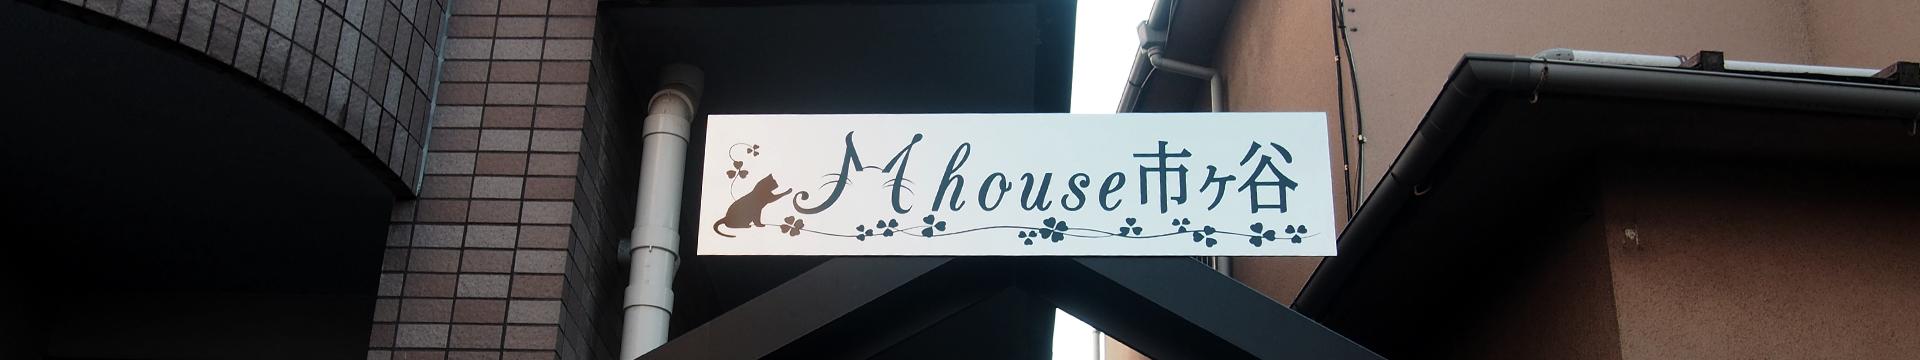 Mhouse 市ヶ谷